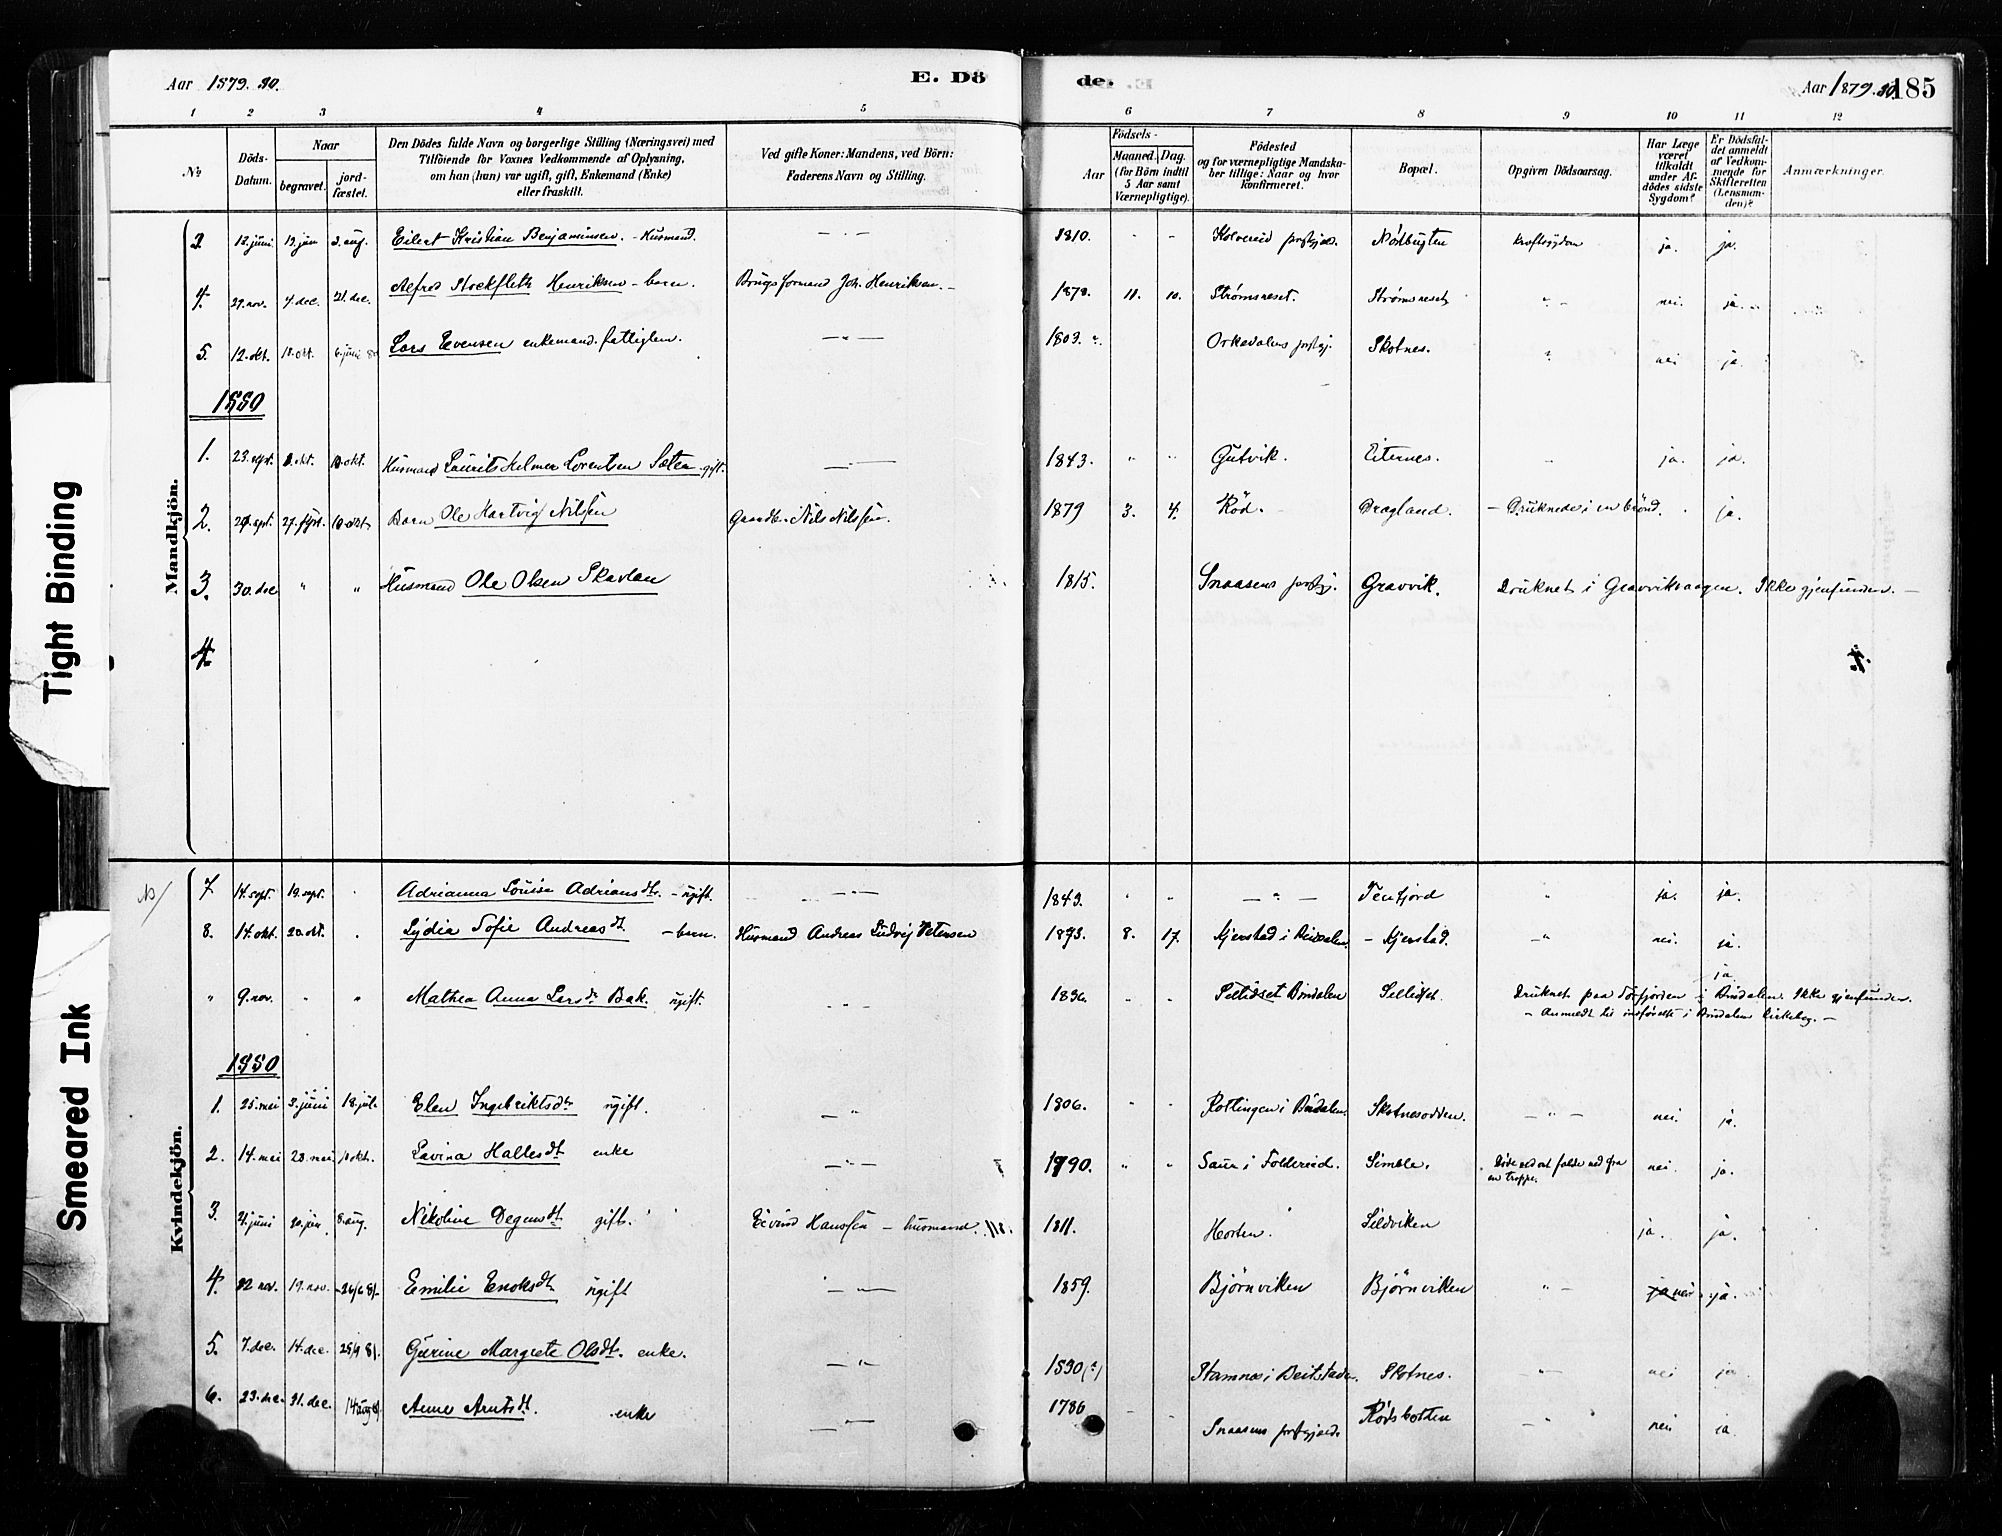 SAT, Ministerialprotokoller, klokkerbøker og fødselsregistre - Nord-Trøndelag, 789/L0705: Ministerialbok nr. 789A01, 1878-1910, s. 185